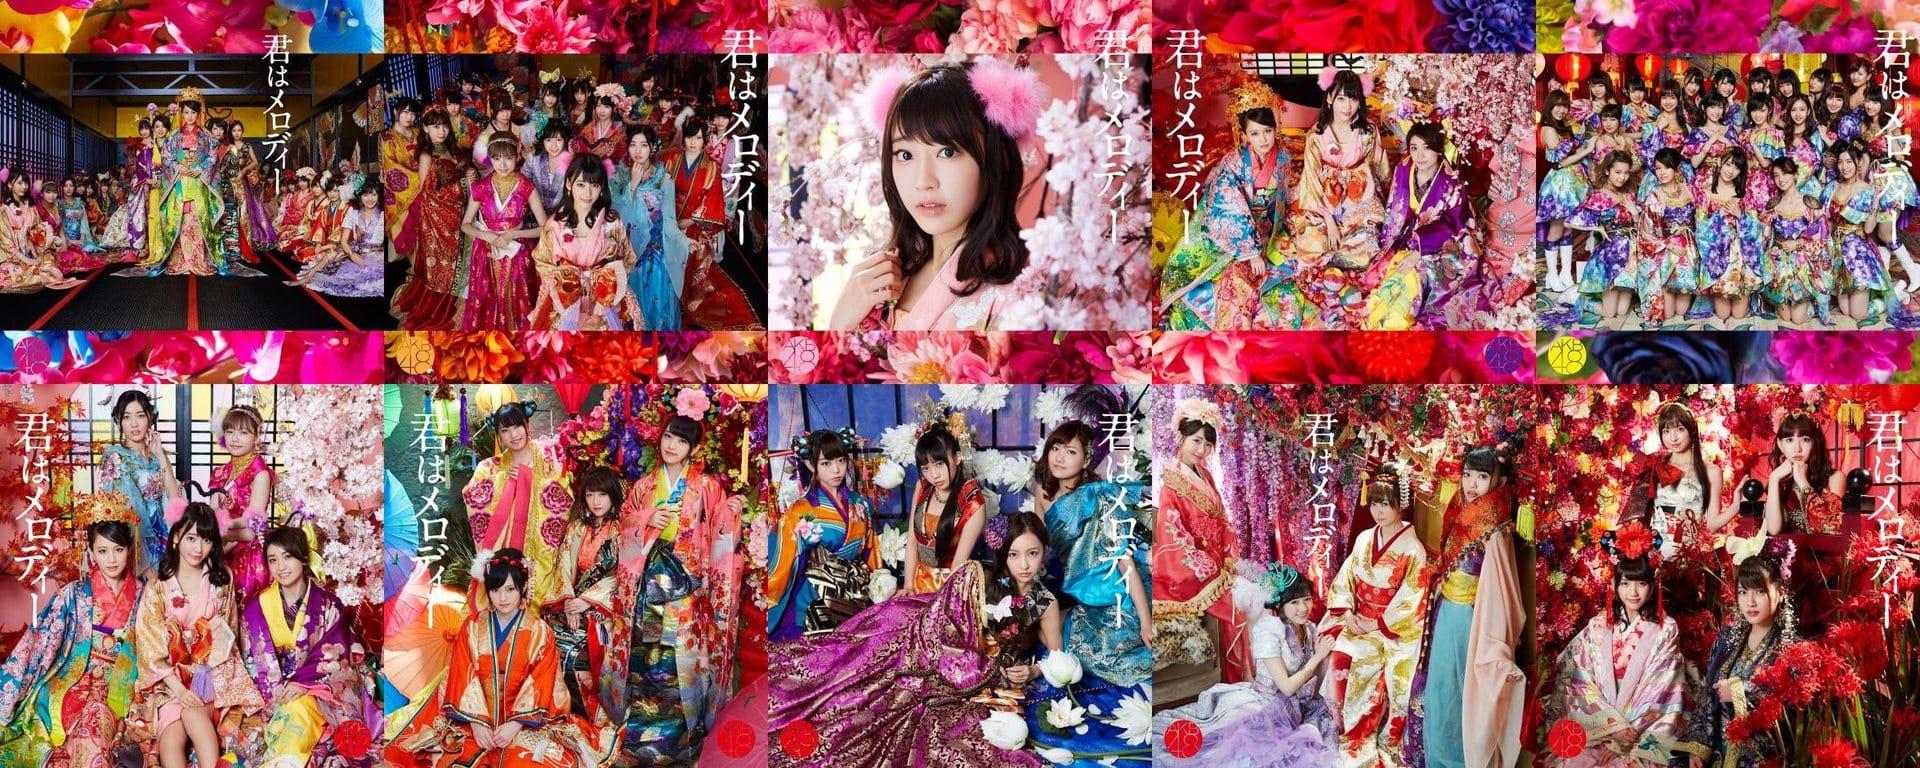 [詳細]AKB48 43rdシングル「君はメロディー」3/9発売。 - ★AKBのススメ★